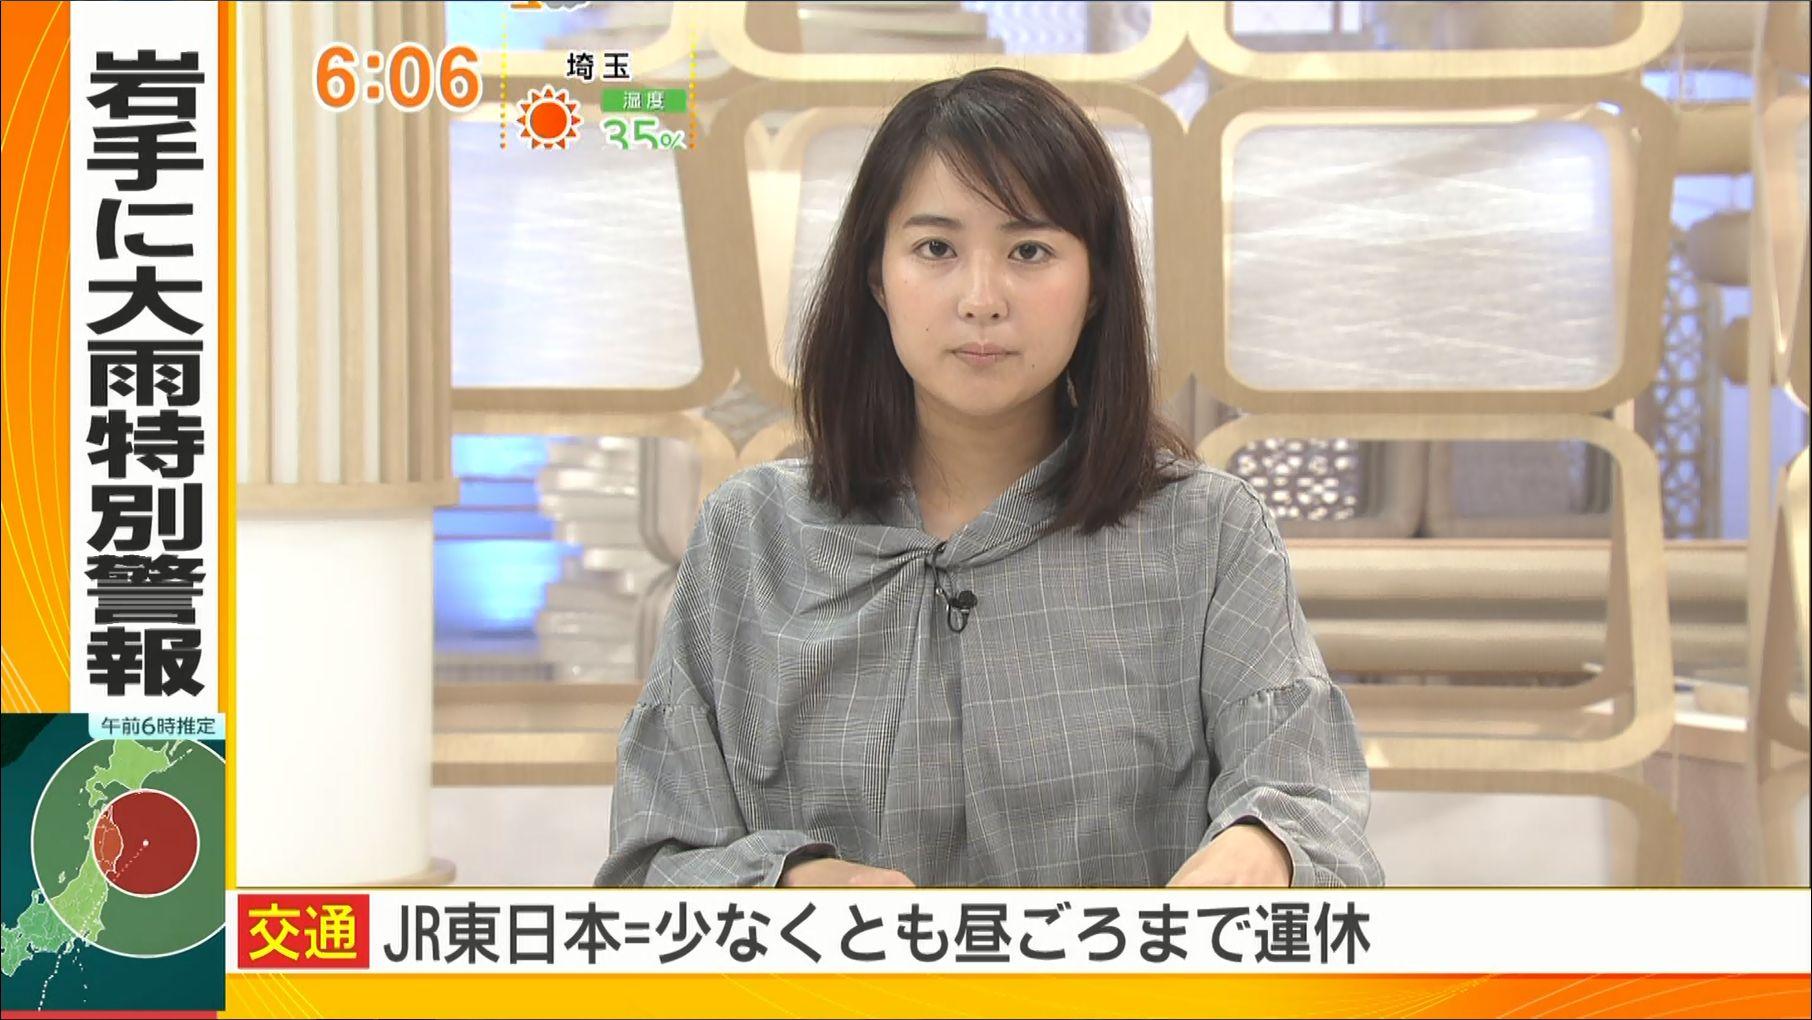 永尾亜子 FNNニュース 19/10/13 : 女子アナキャプでも貼っておく ...